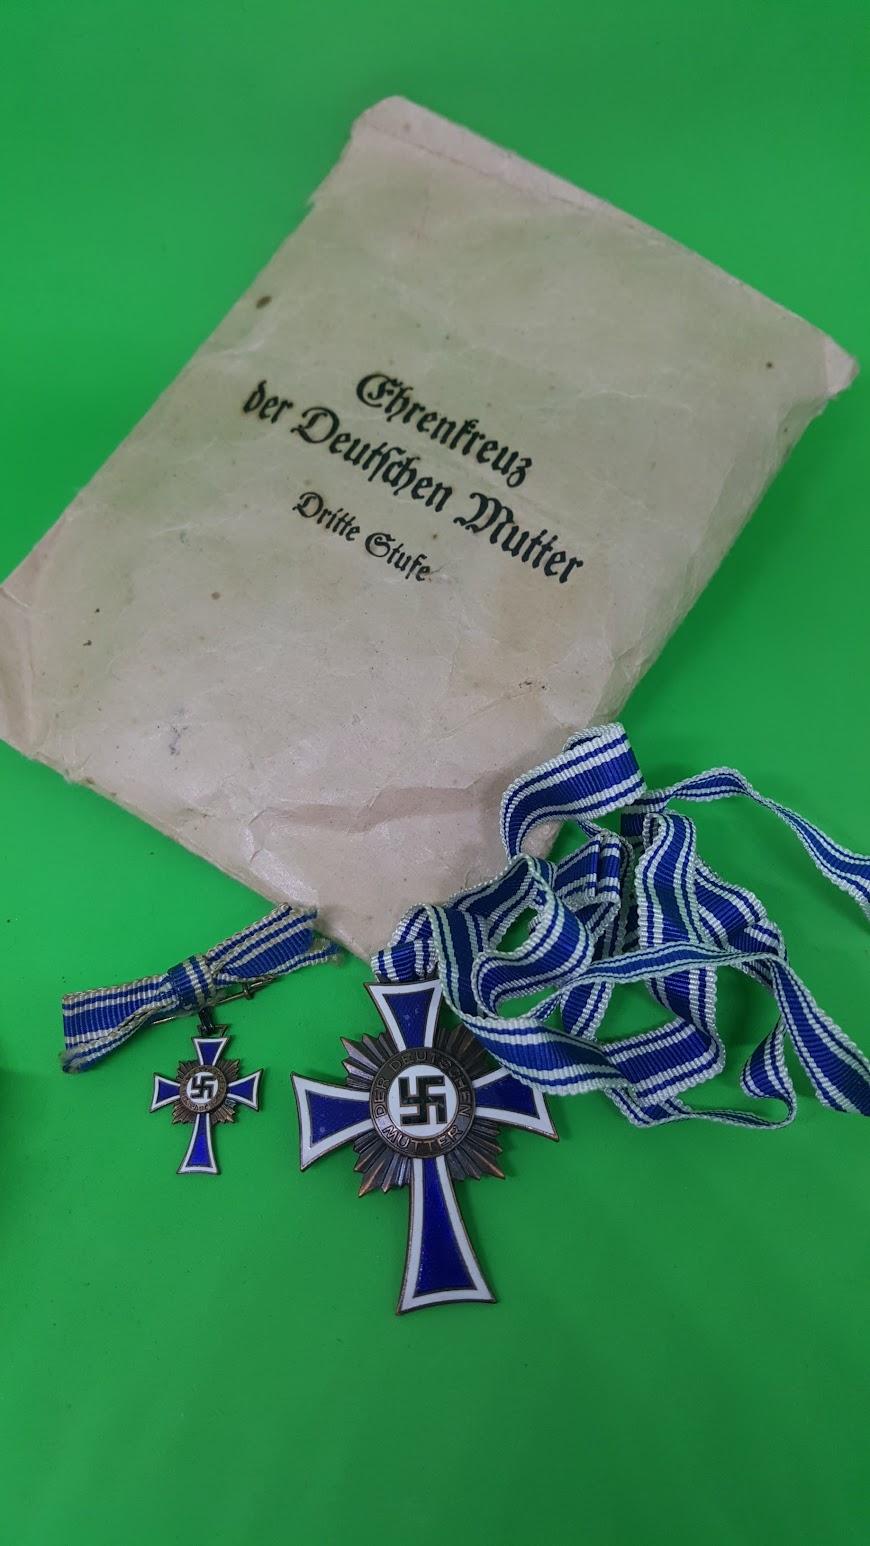 Ehrenkreuz der deutschen Mutter - Dritte Stufe - mit Anstecknadel